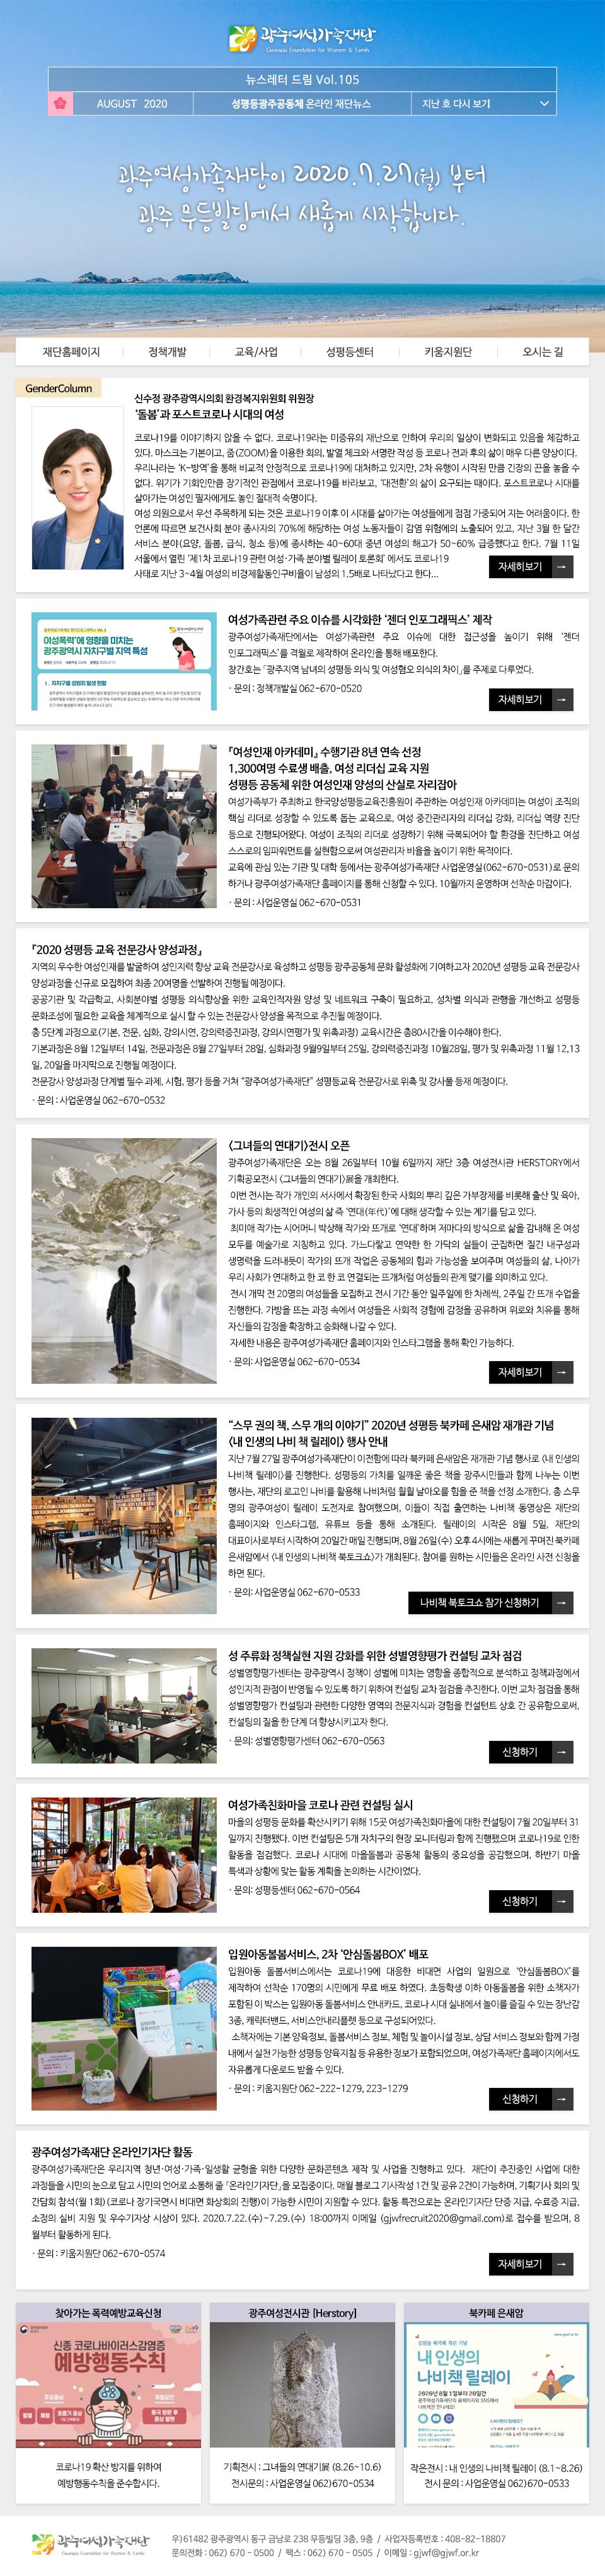 뉴스레터 드림 105호(20.8월) 썸네일